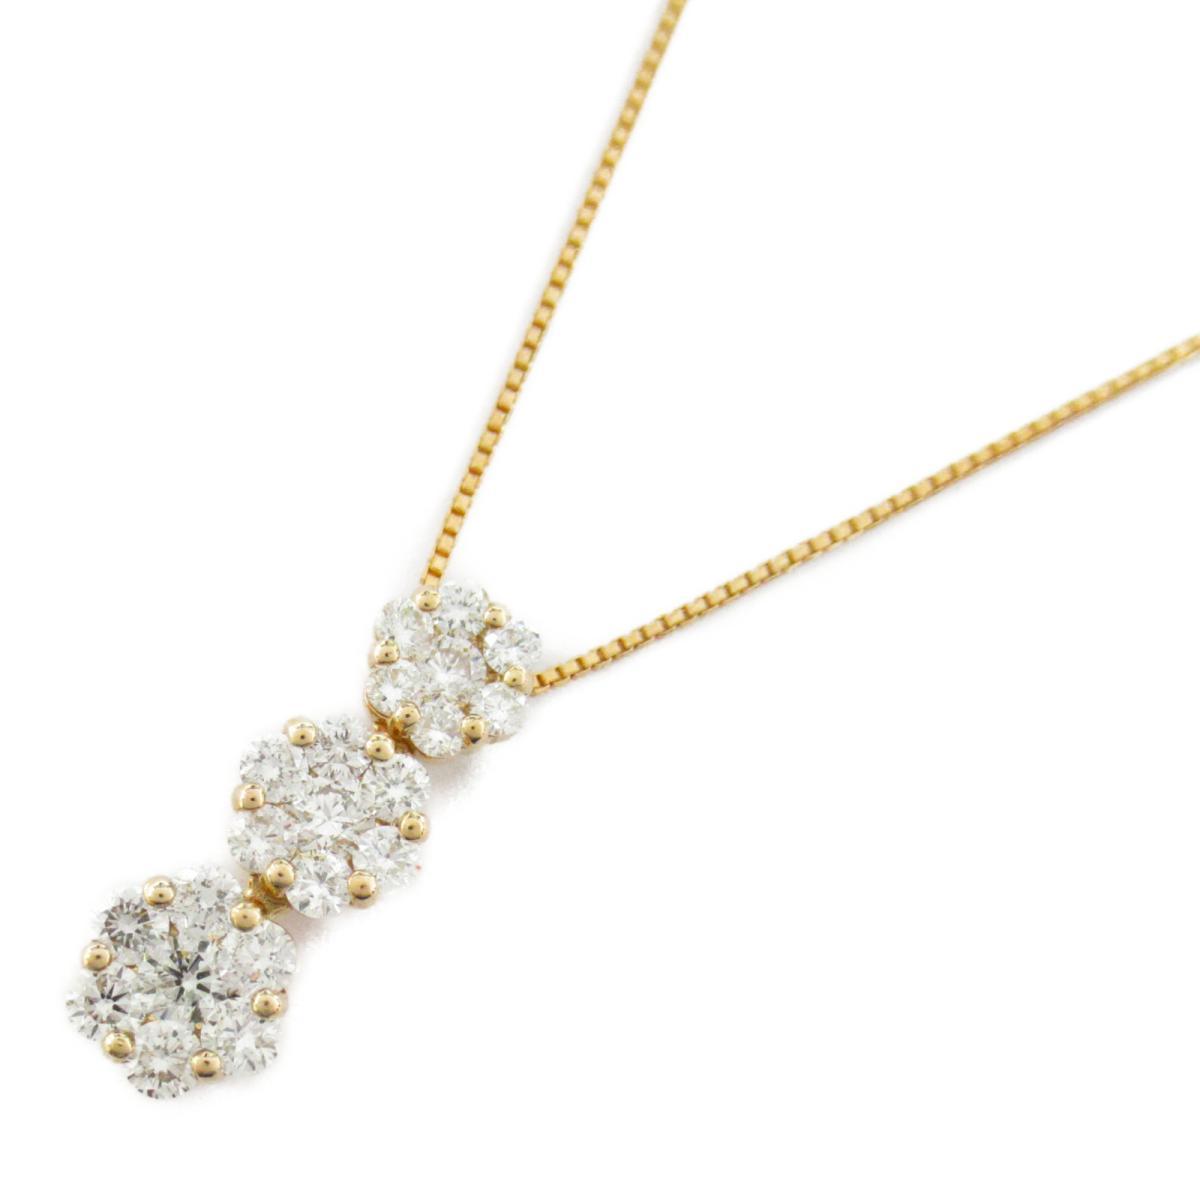 【中古】ジュエリー ダイヤモンド ネックレス ノーブランドジュエリー レディース K18PG(750) ピンクゴールド x ダイヤモンド1..50ct